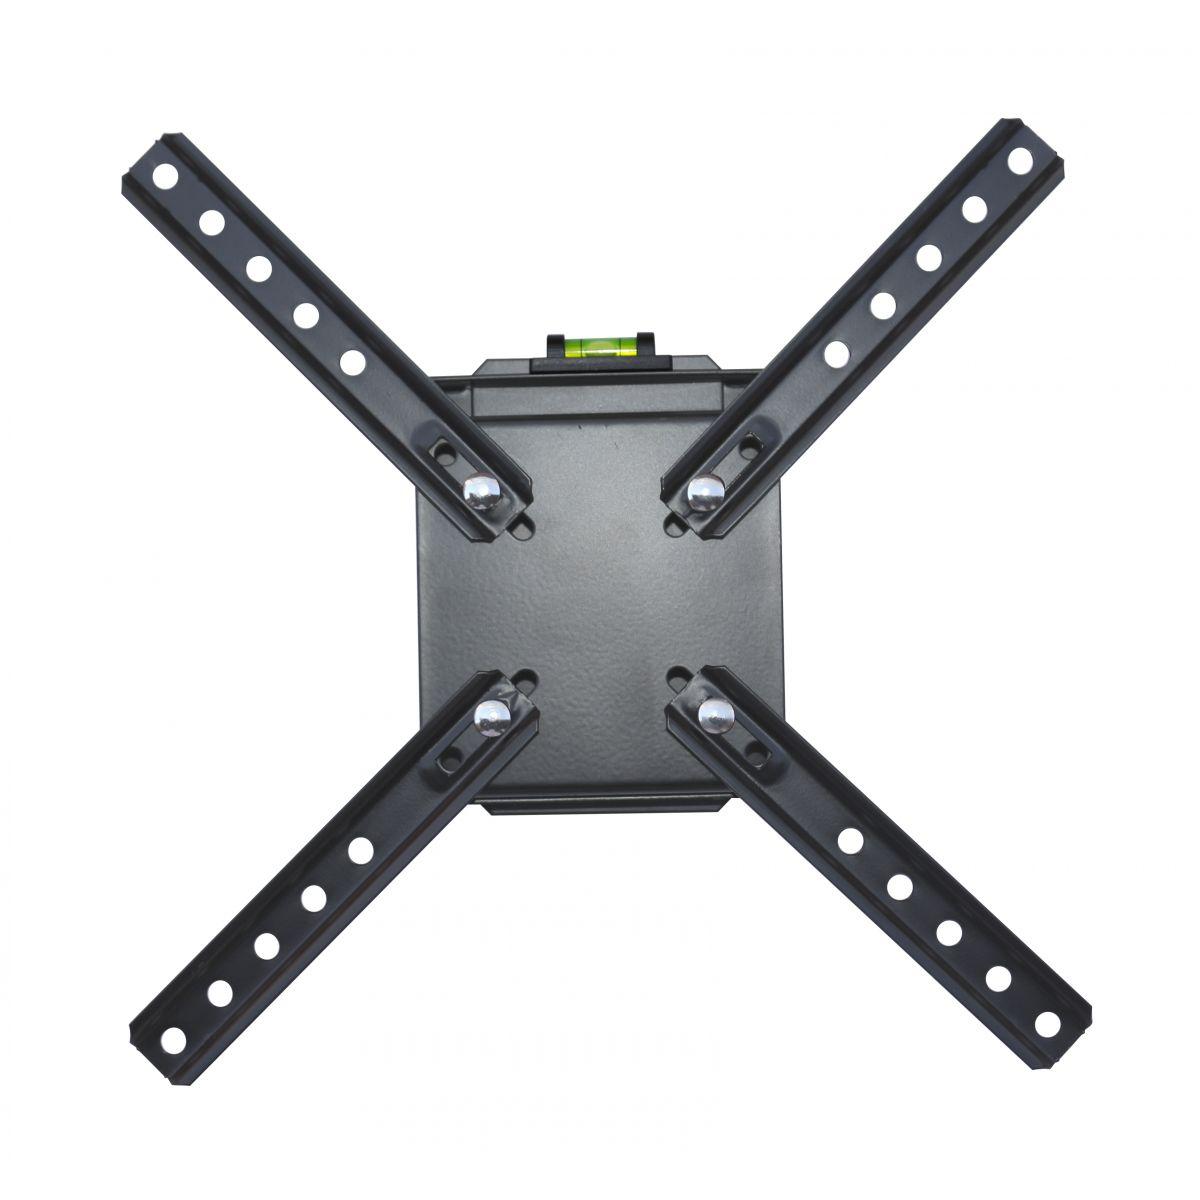 Suporte de parede Brasforma fixo ou inclinável para TV LCD, LED, PLASMA, 3D 10´ a 42´ - SBRLB110